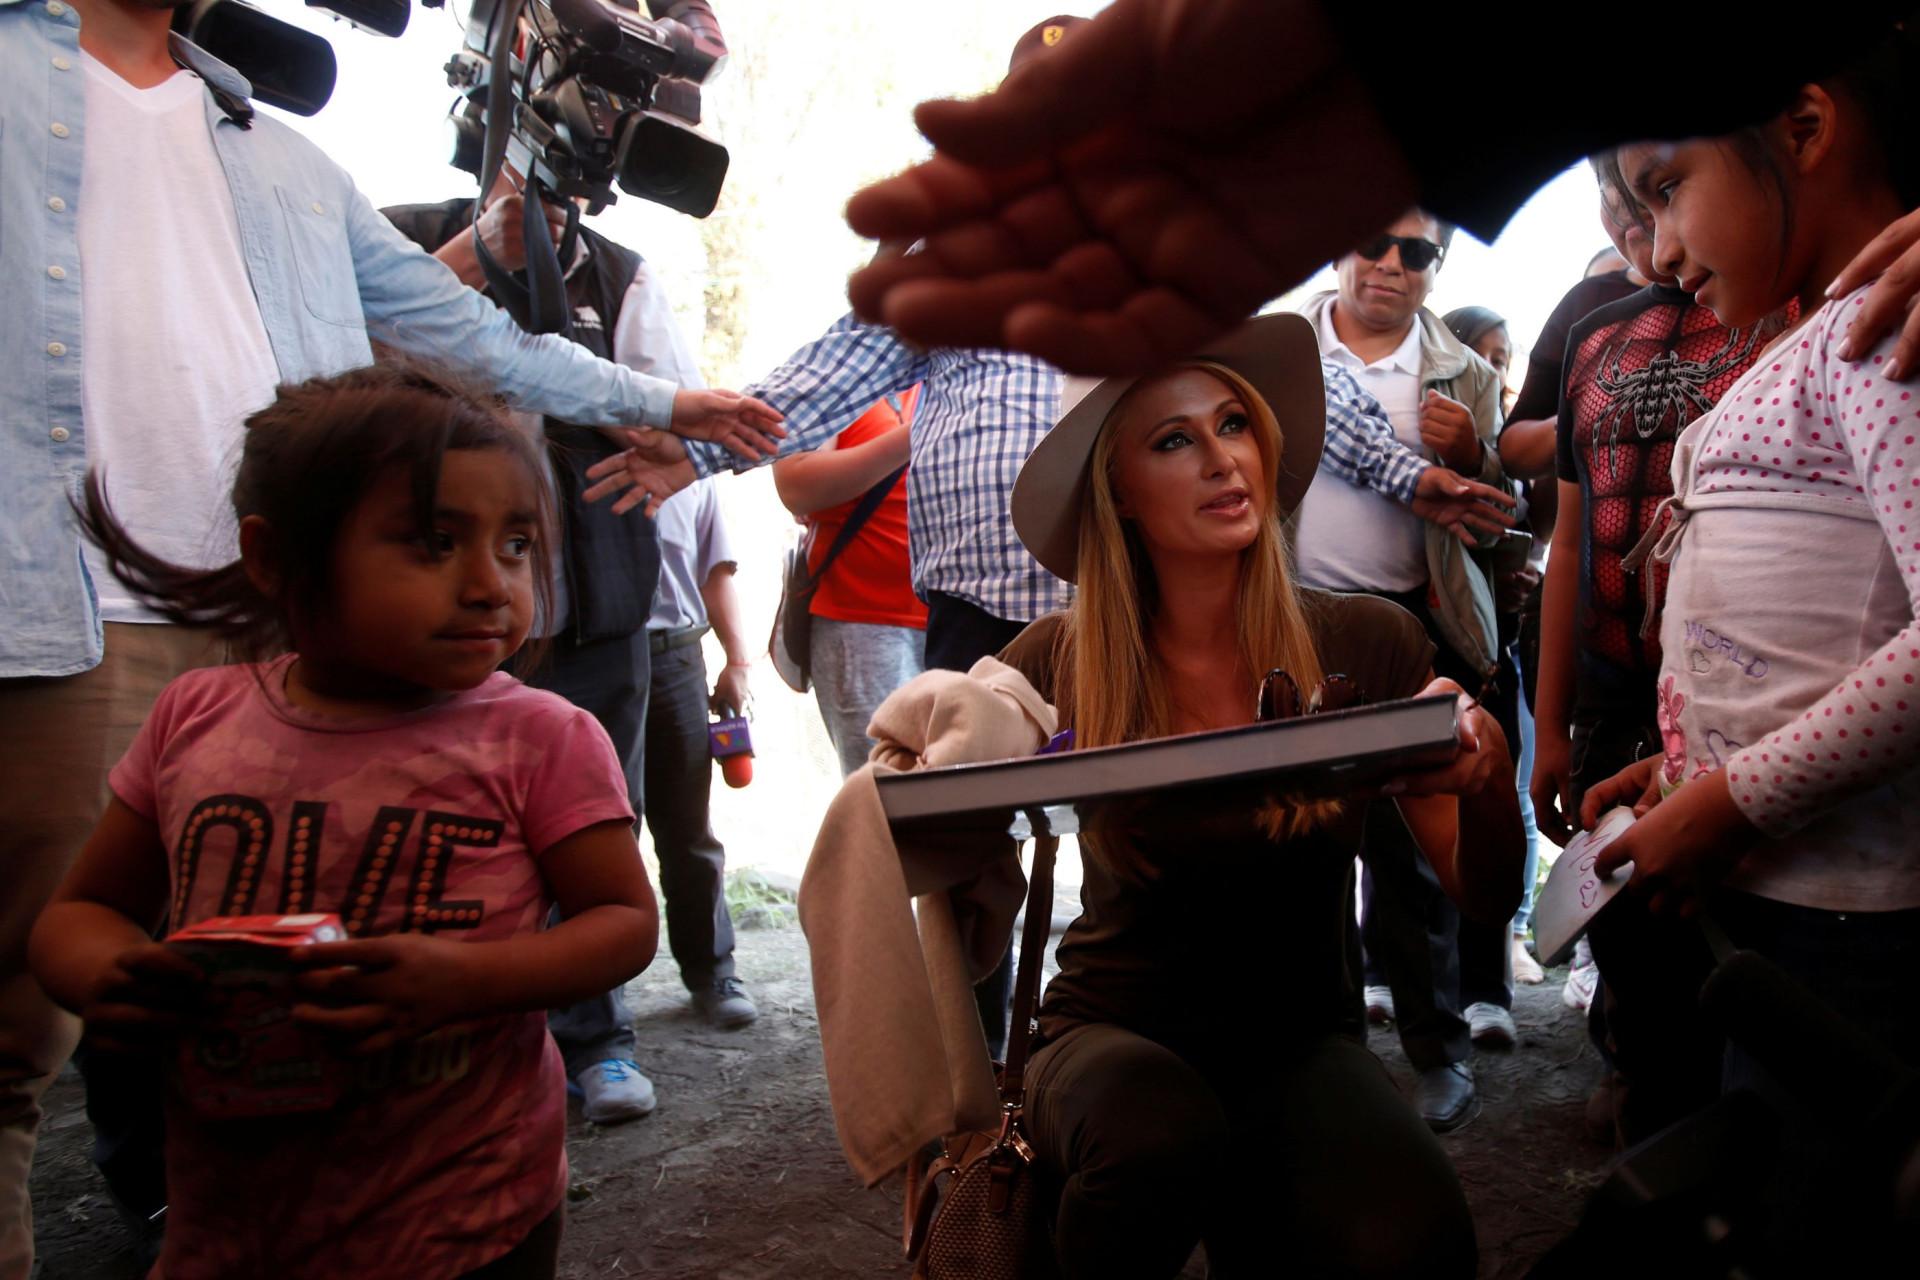 Voluntariado: As estrelas que colocam as 'mãos na massa'